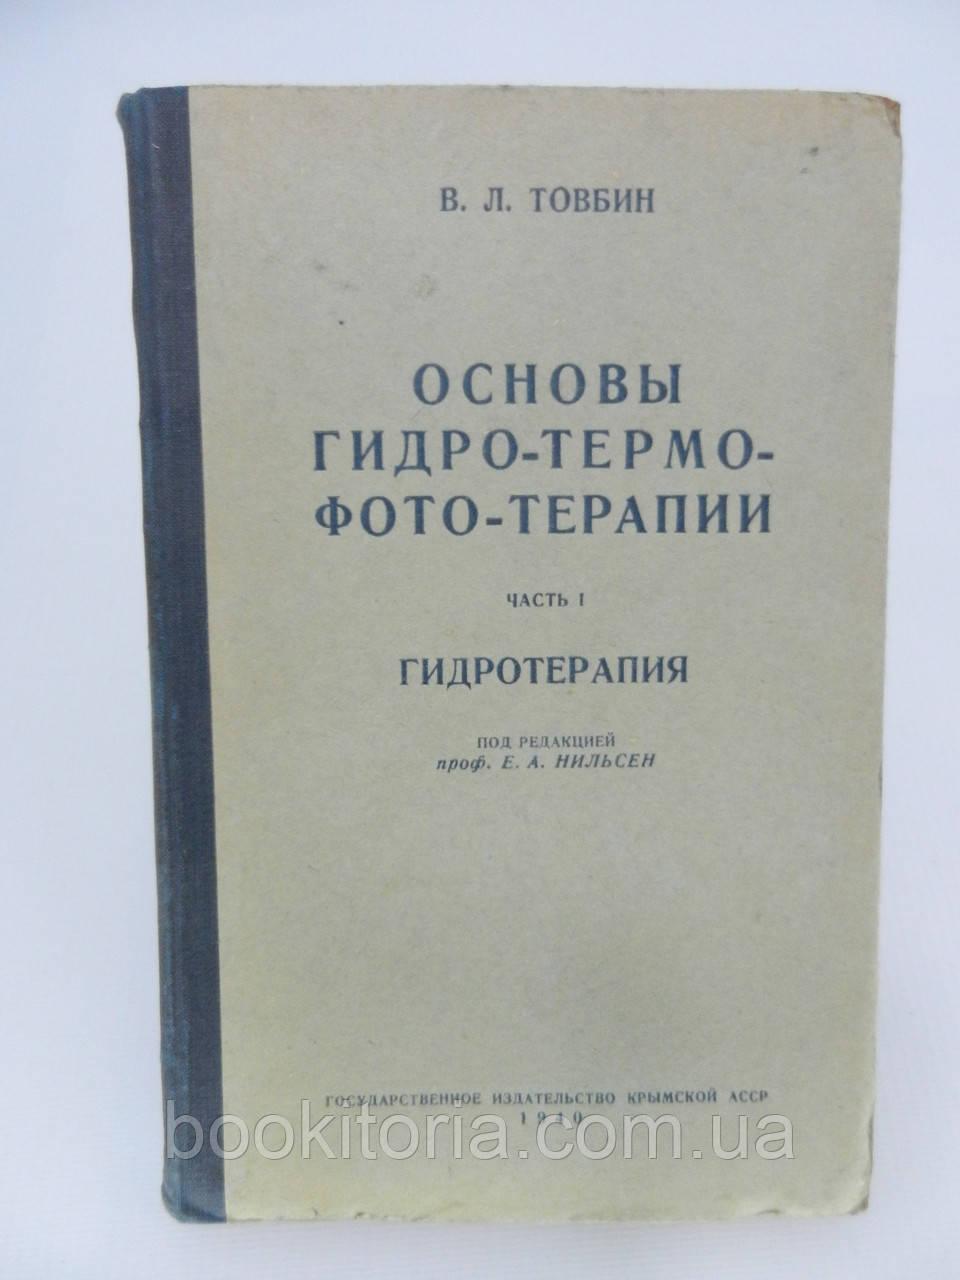 Товбин В.Л. Основы гидро-термо-фото-терапии. Гидротерапия. Часть 1 (б/у).